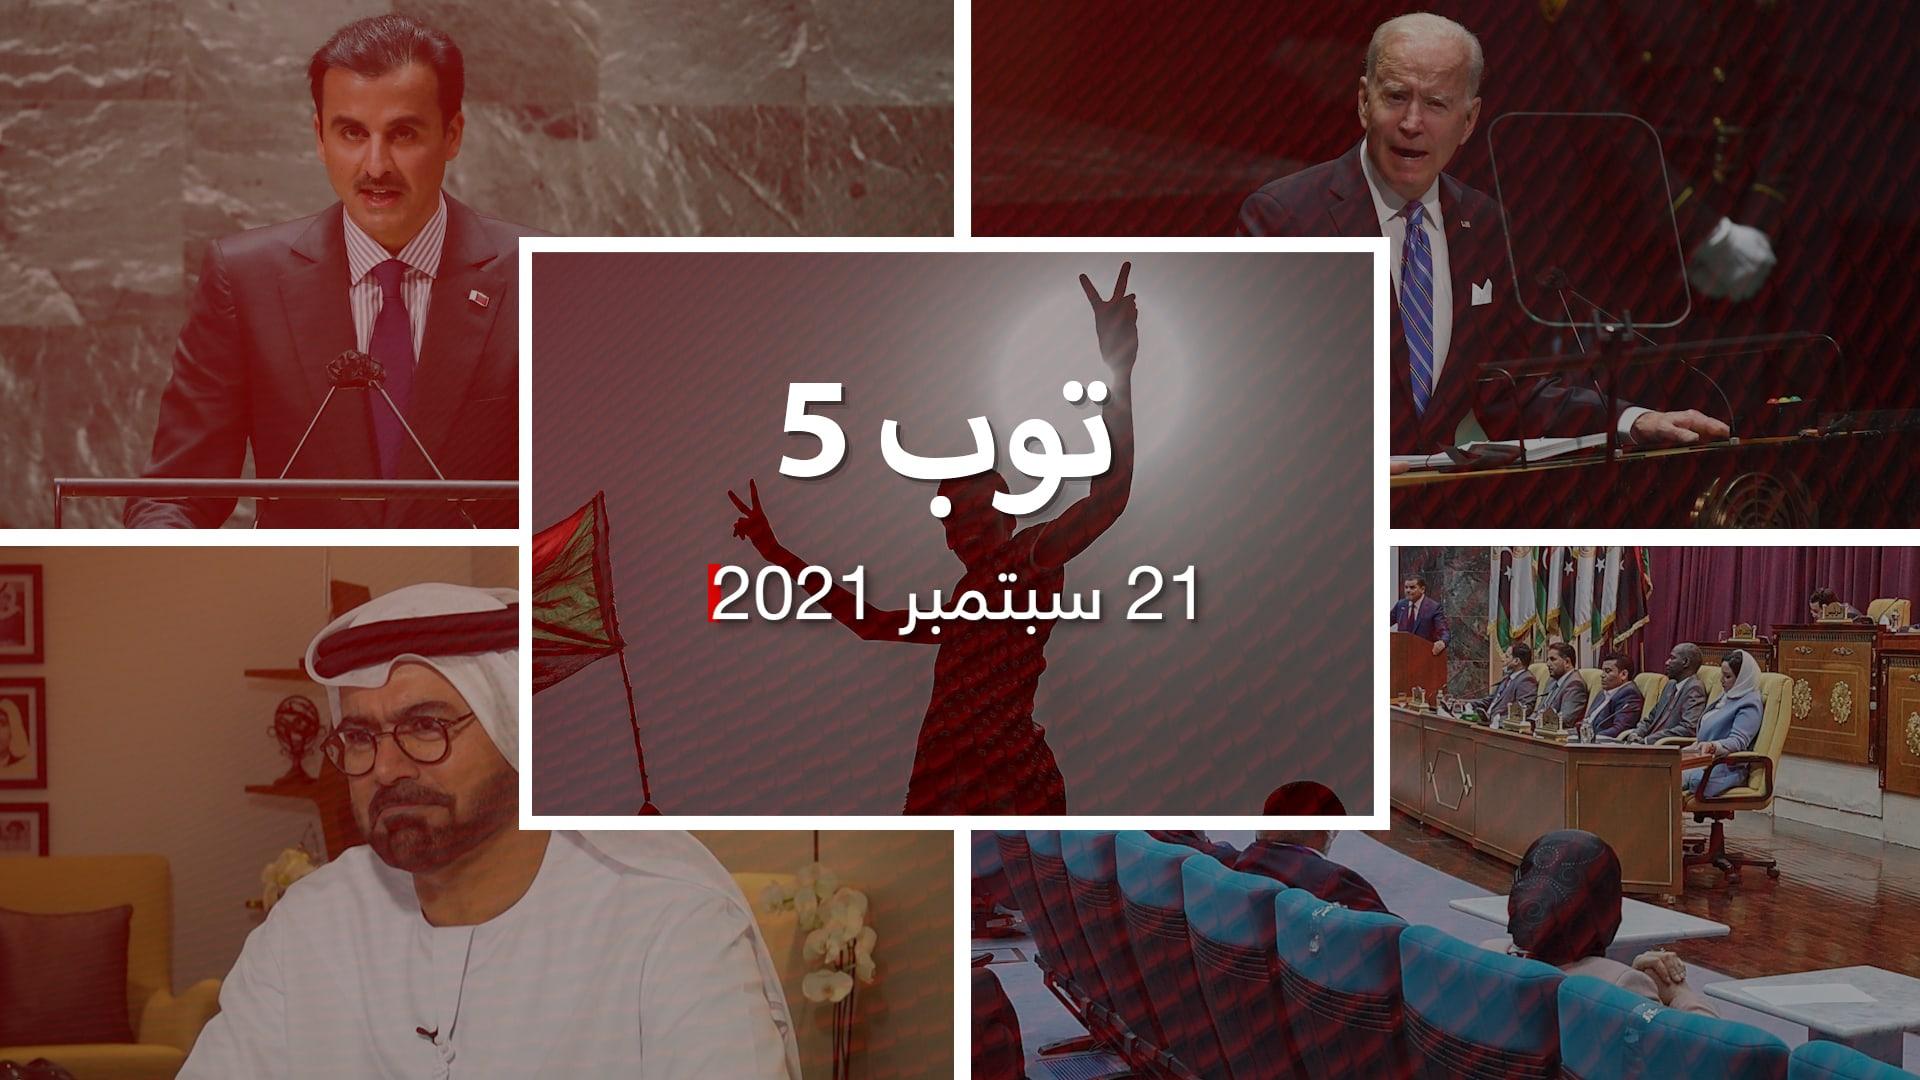 توب 5: محاولة انقلاب في السودان.. وسحب الثقة من حكومة الوحدة في ليبيا